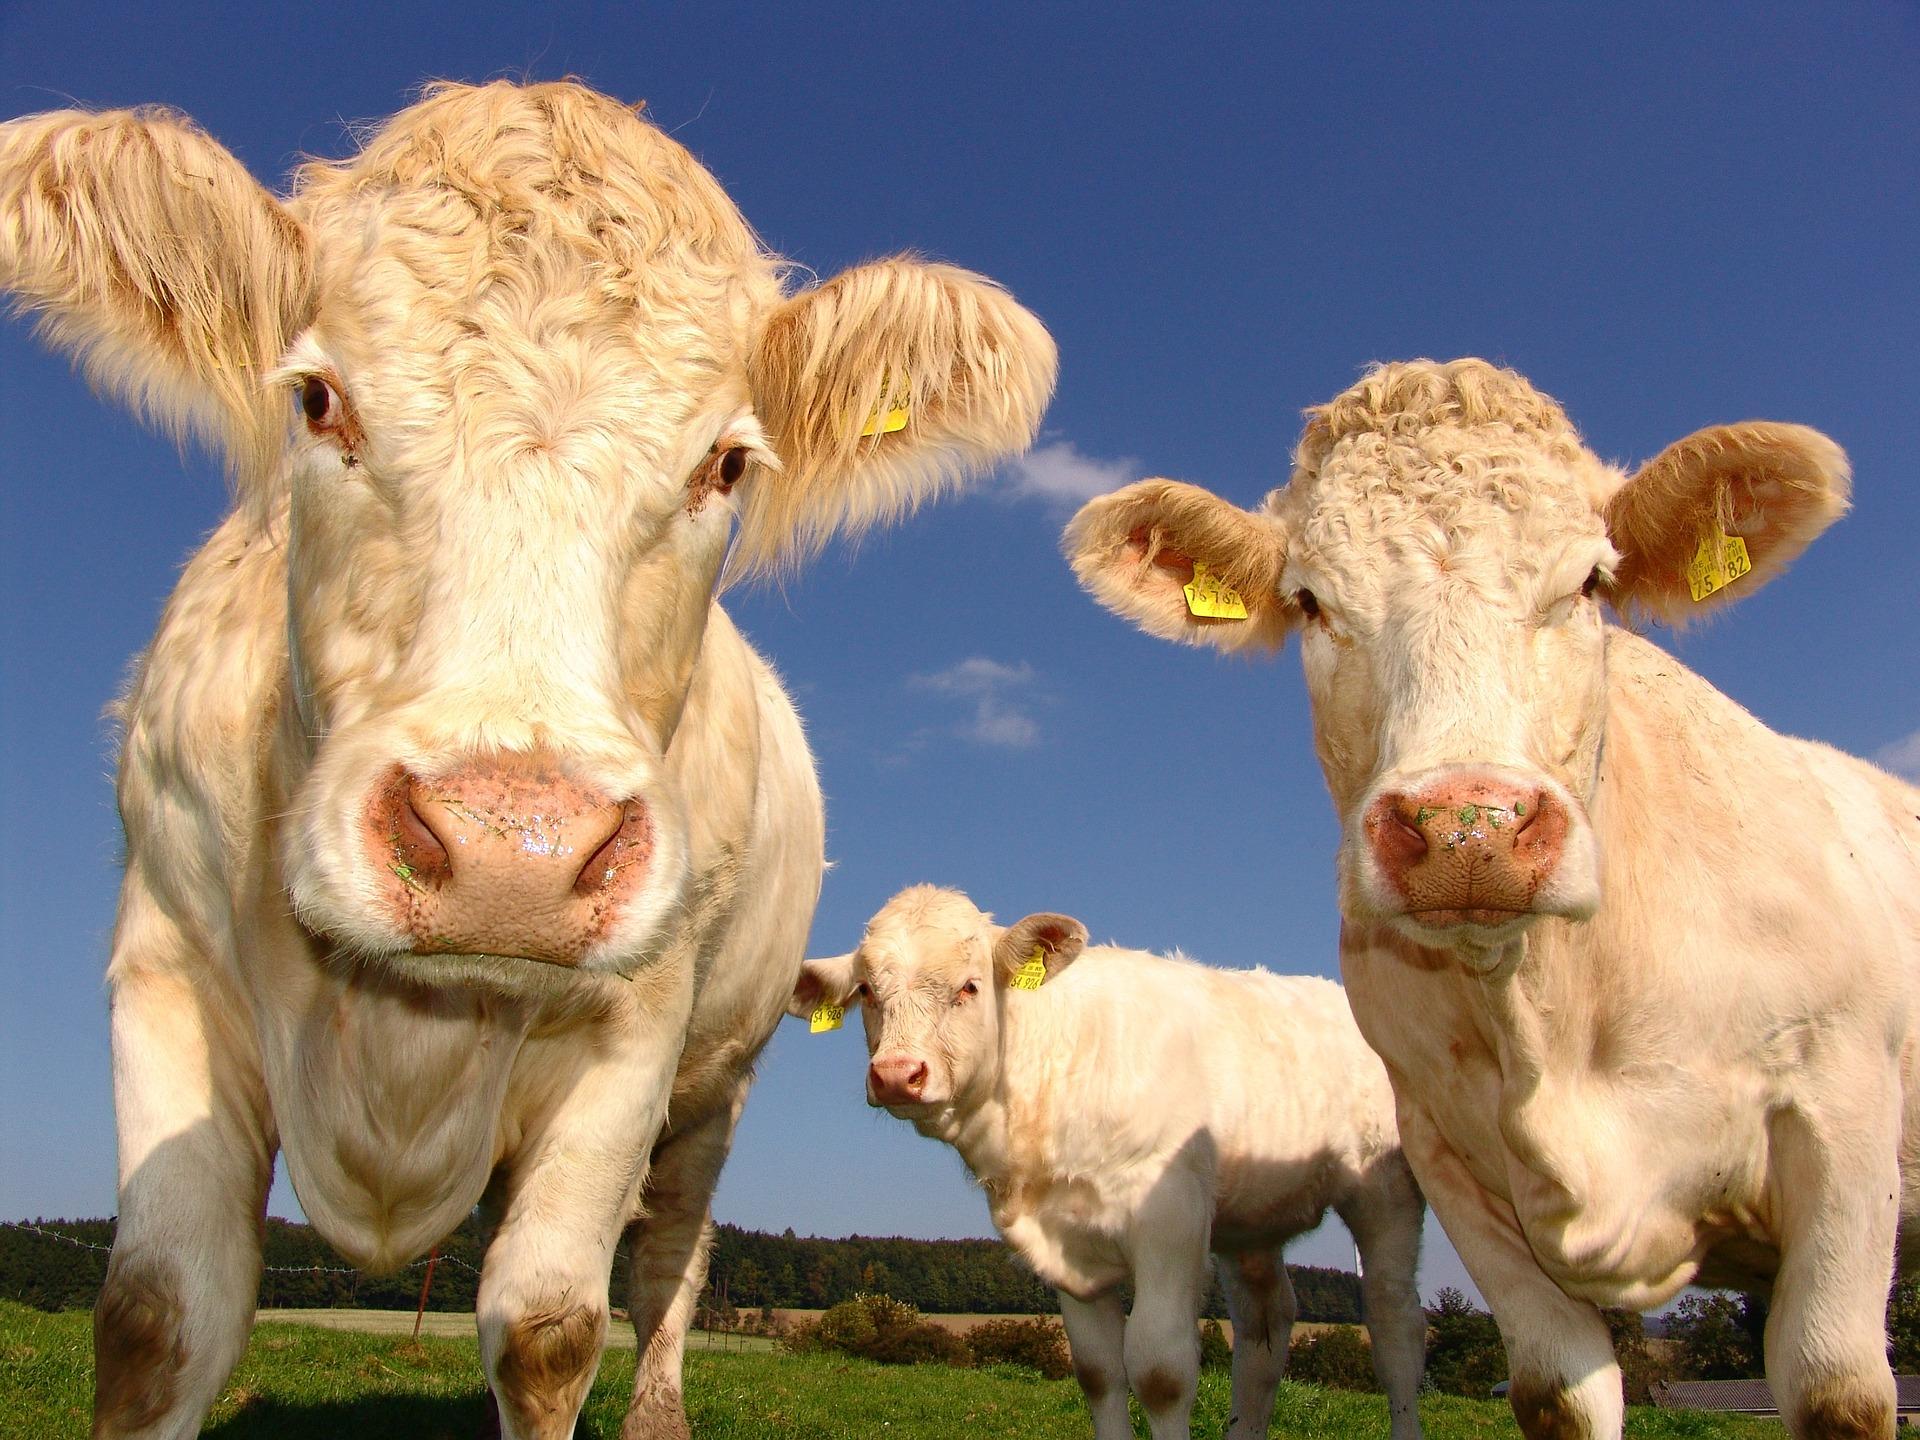 download wallpaper: nieuwsgierige koeien wallpaper